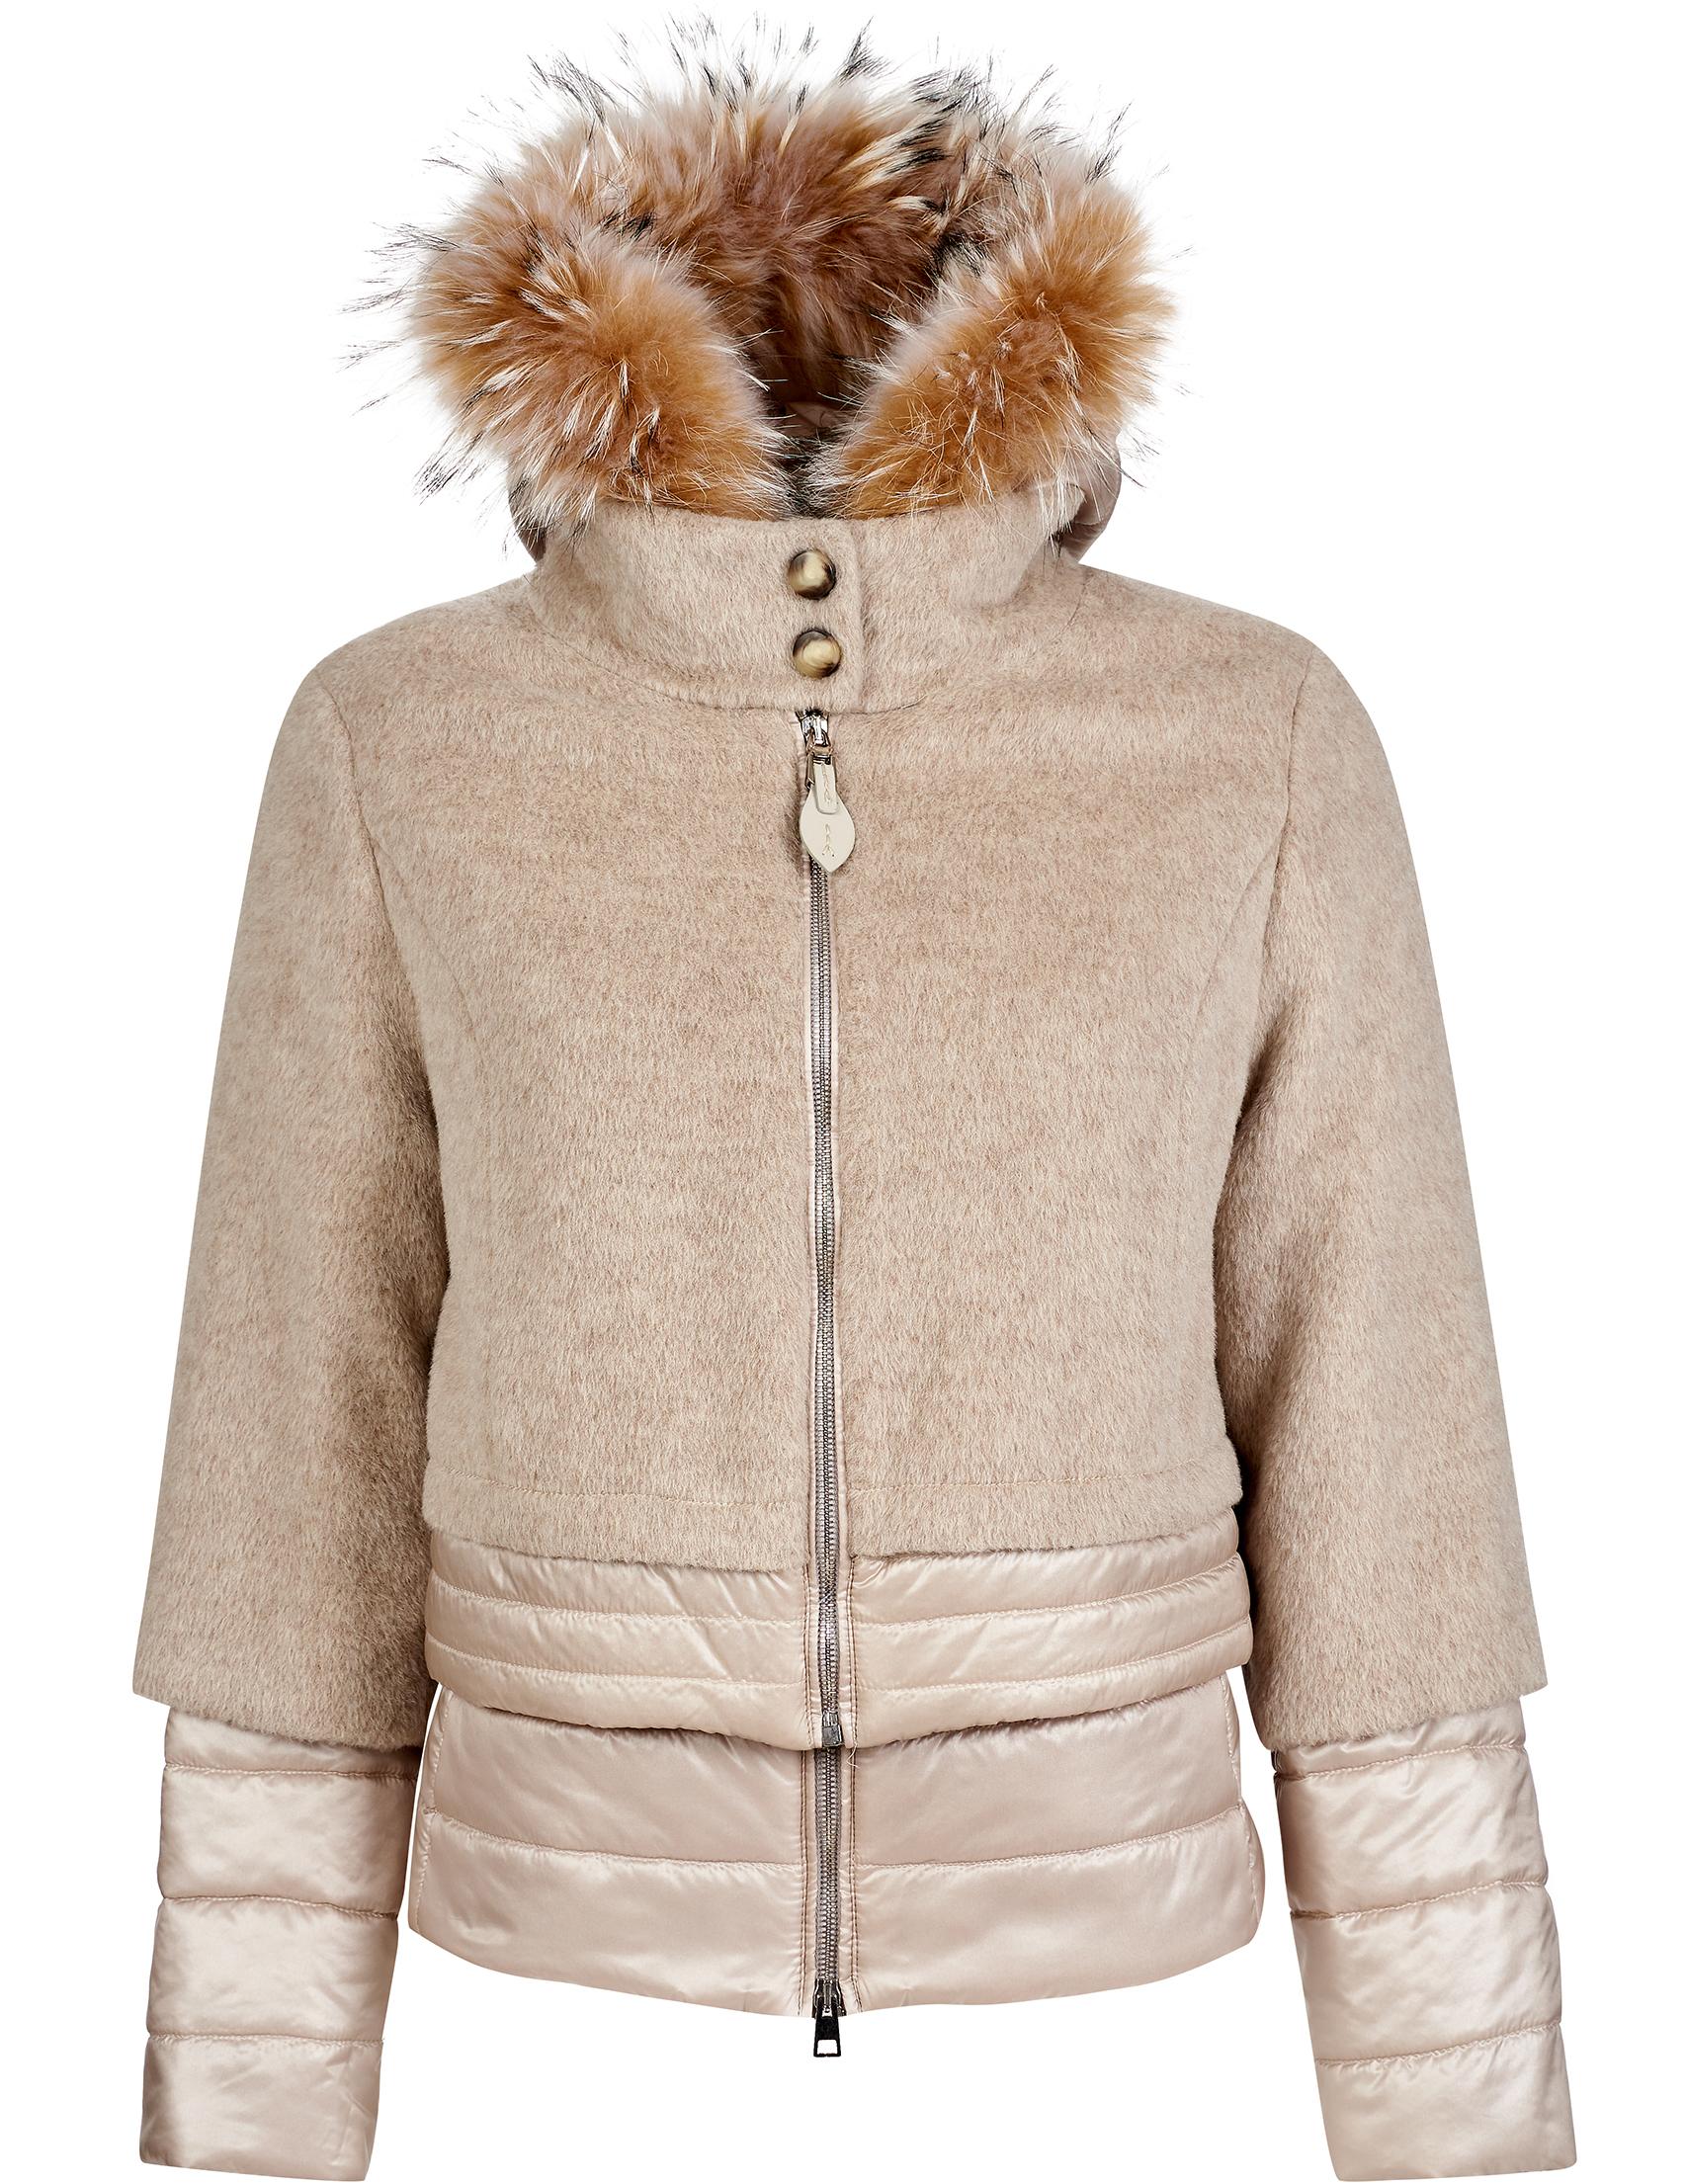 Купить Куртки, Куртка, GALLOTTI, Бежевый, 100%Полиамид;100%Полиэстер;43%Альпака 37%Шерсть 20%Полиамид;100%Мех, Осень-Зима